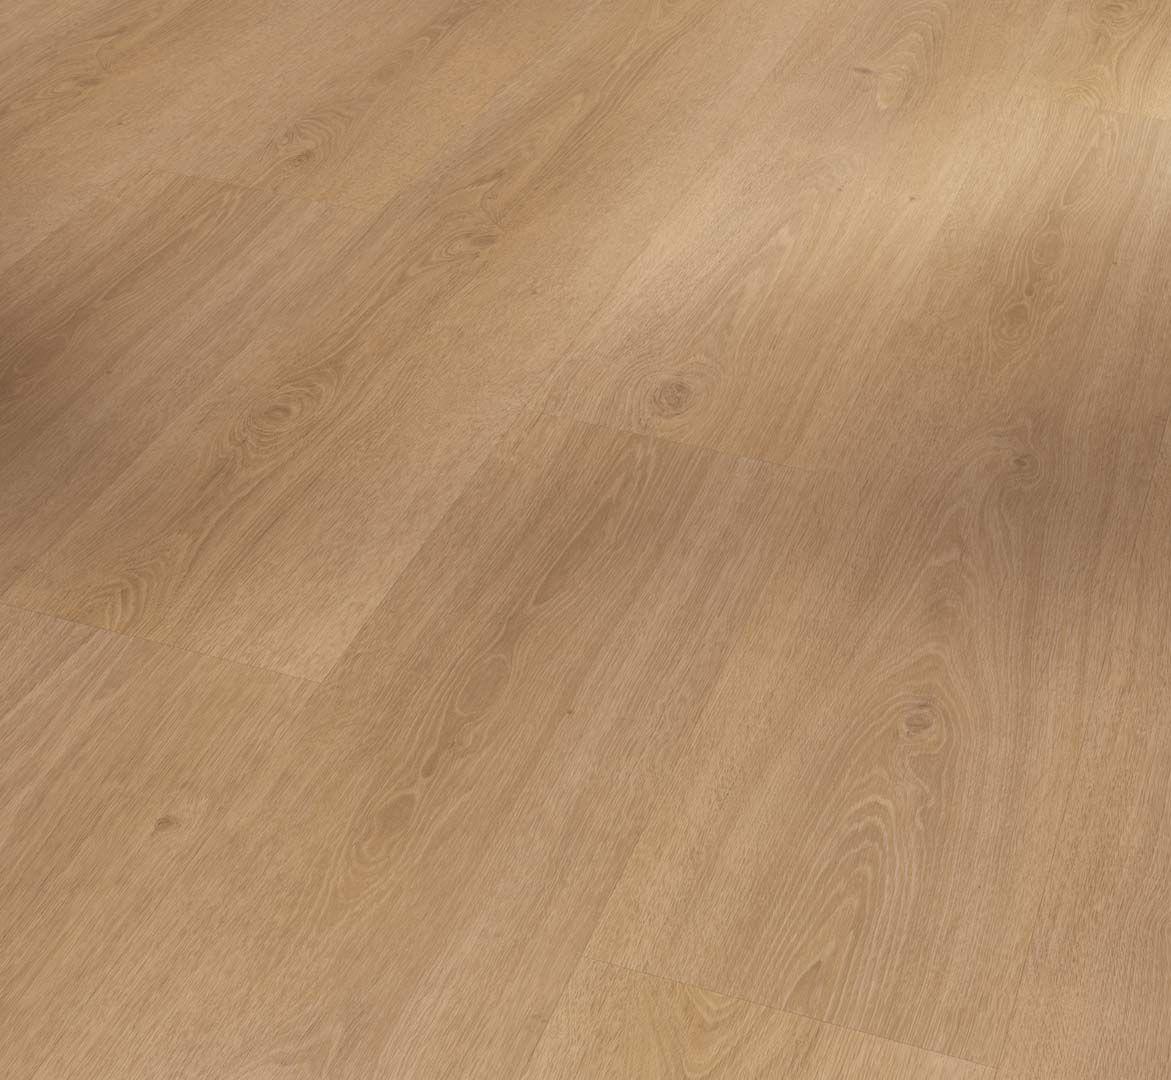 Oak Studioline natural